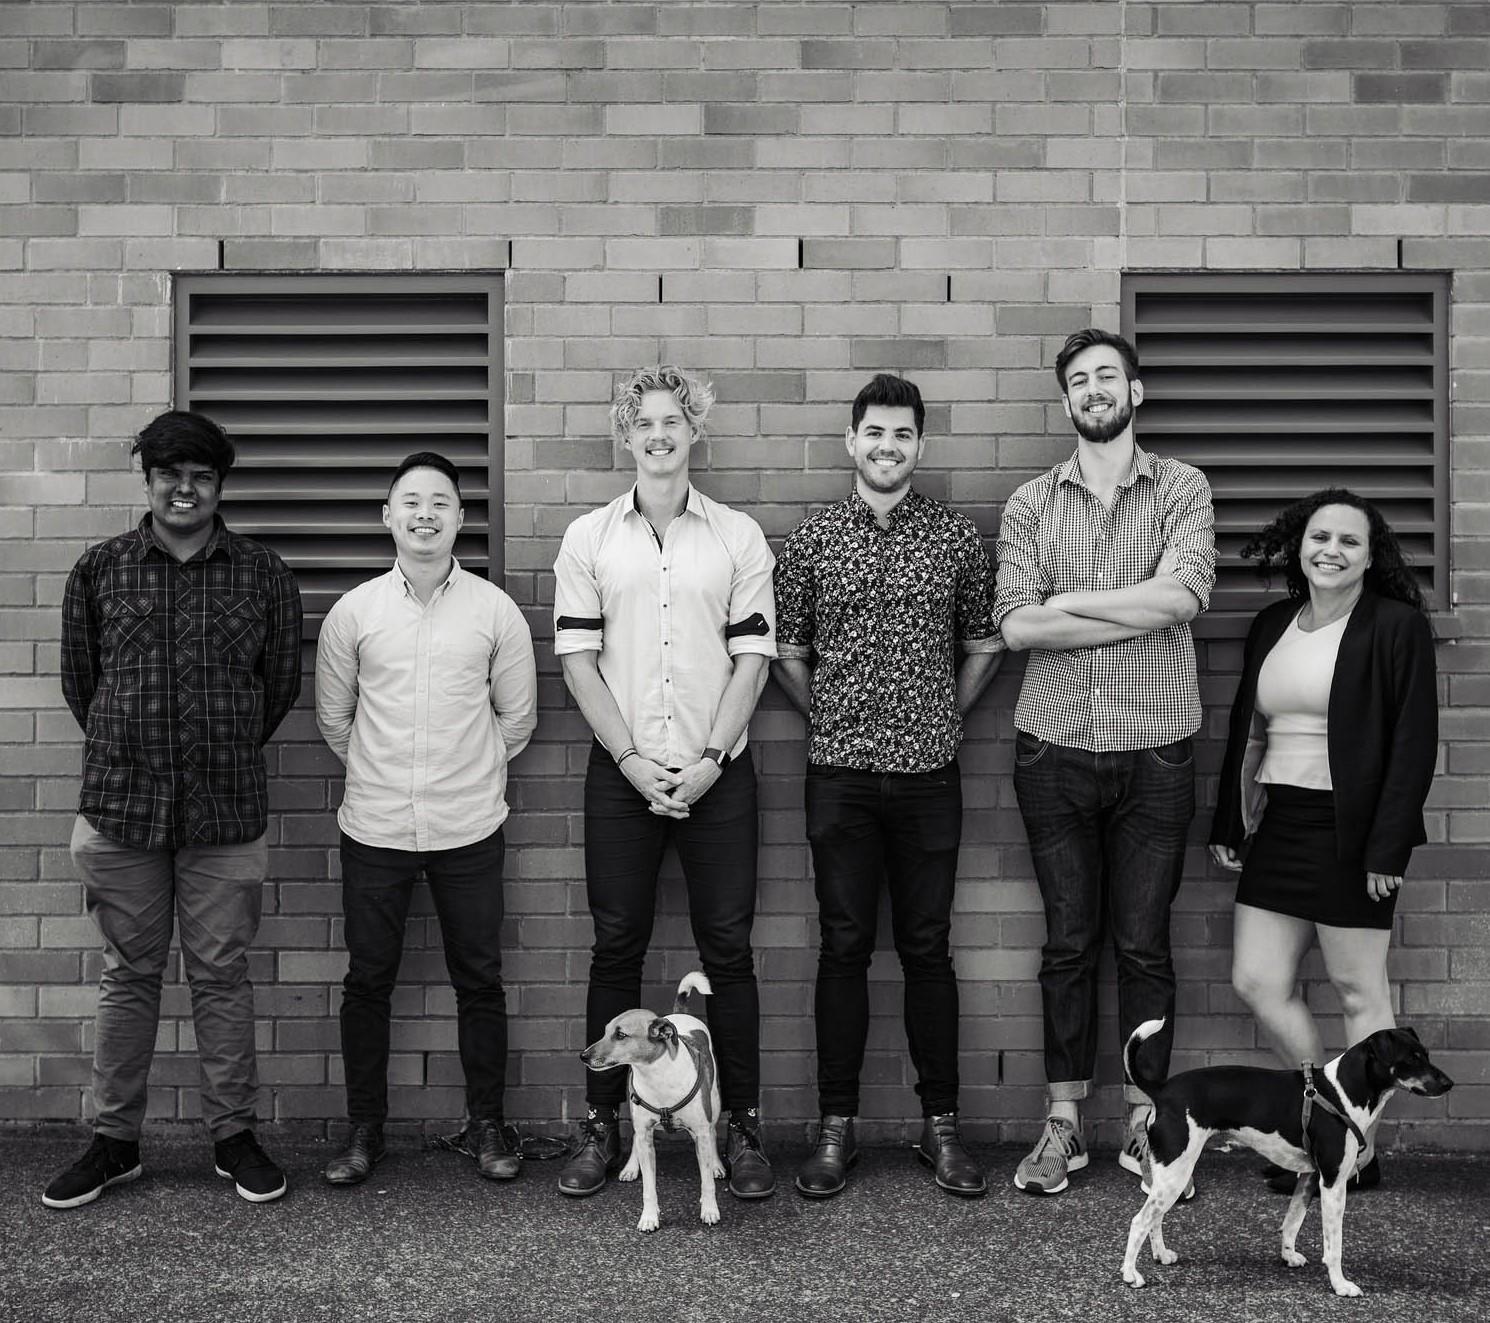 The Inbound NZ team